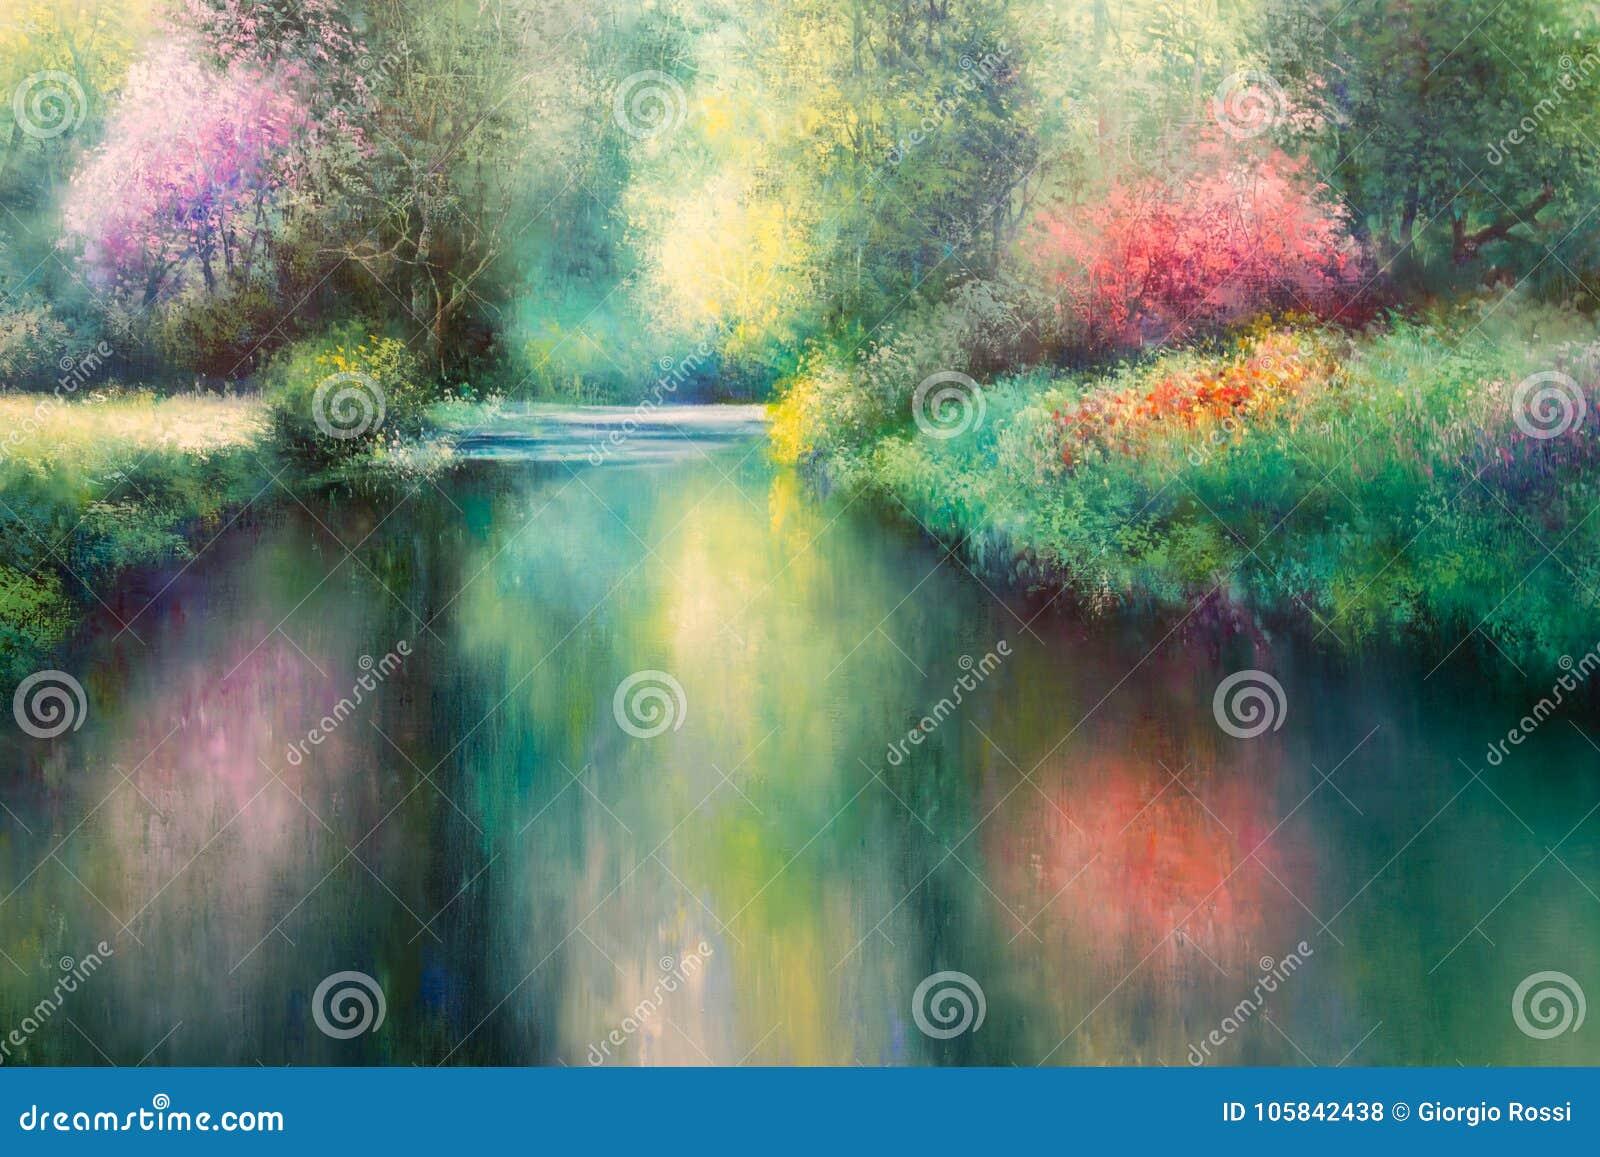 Olje- kanfasmålning: Våräng med den Coloful naturen, floden och träd